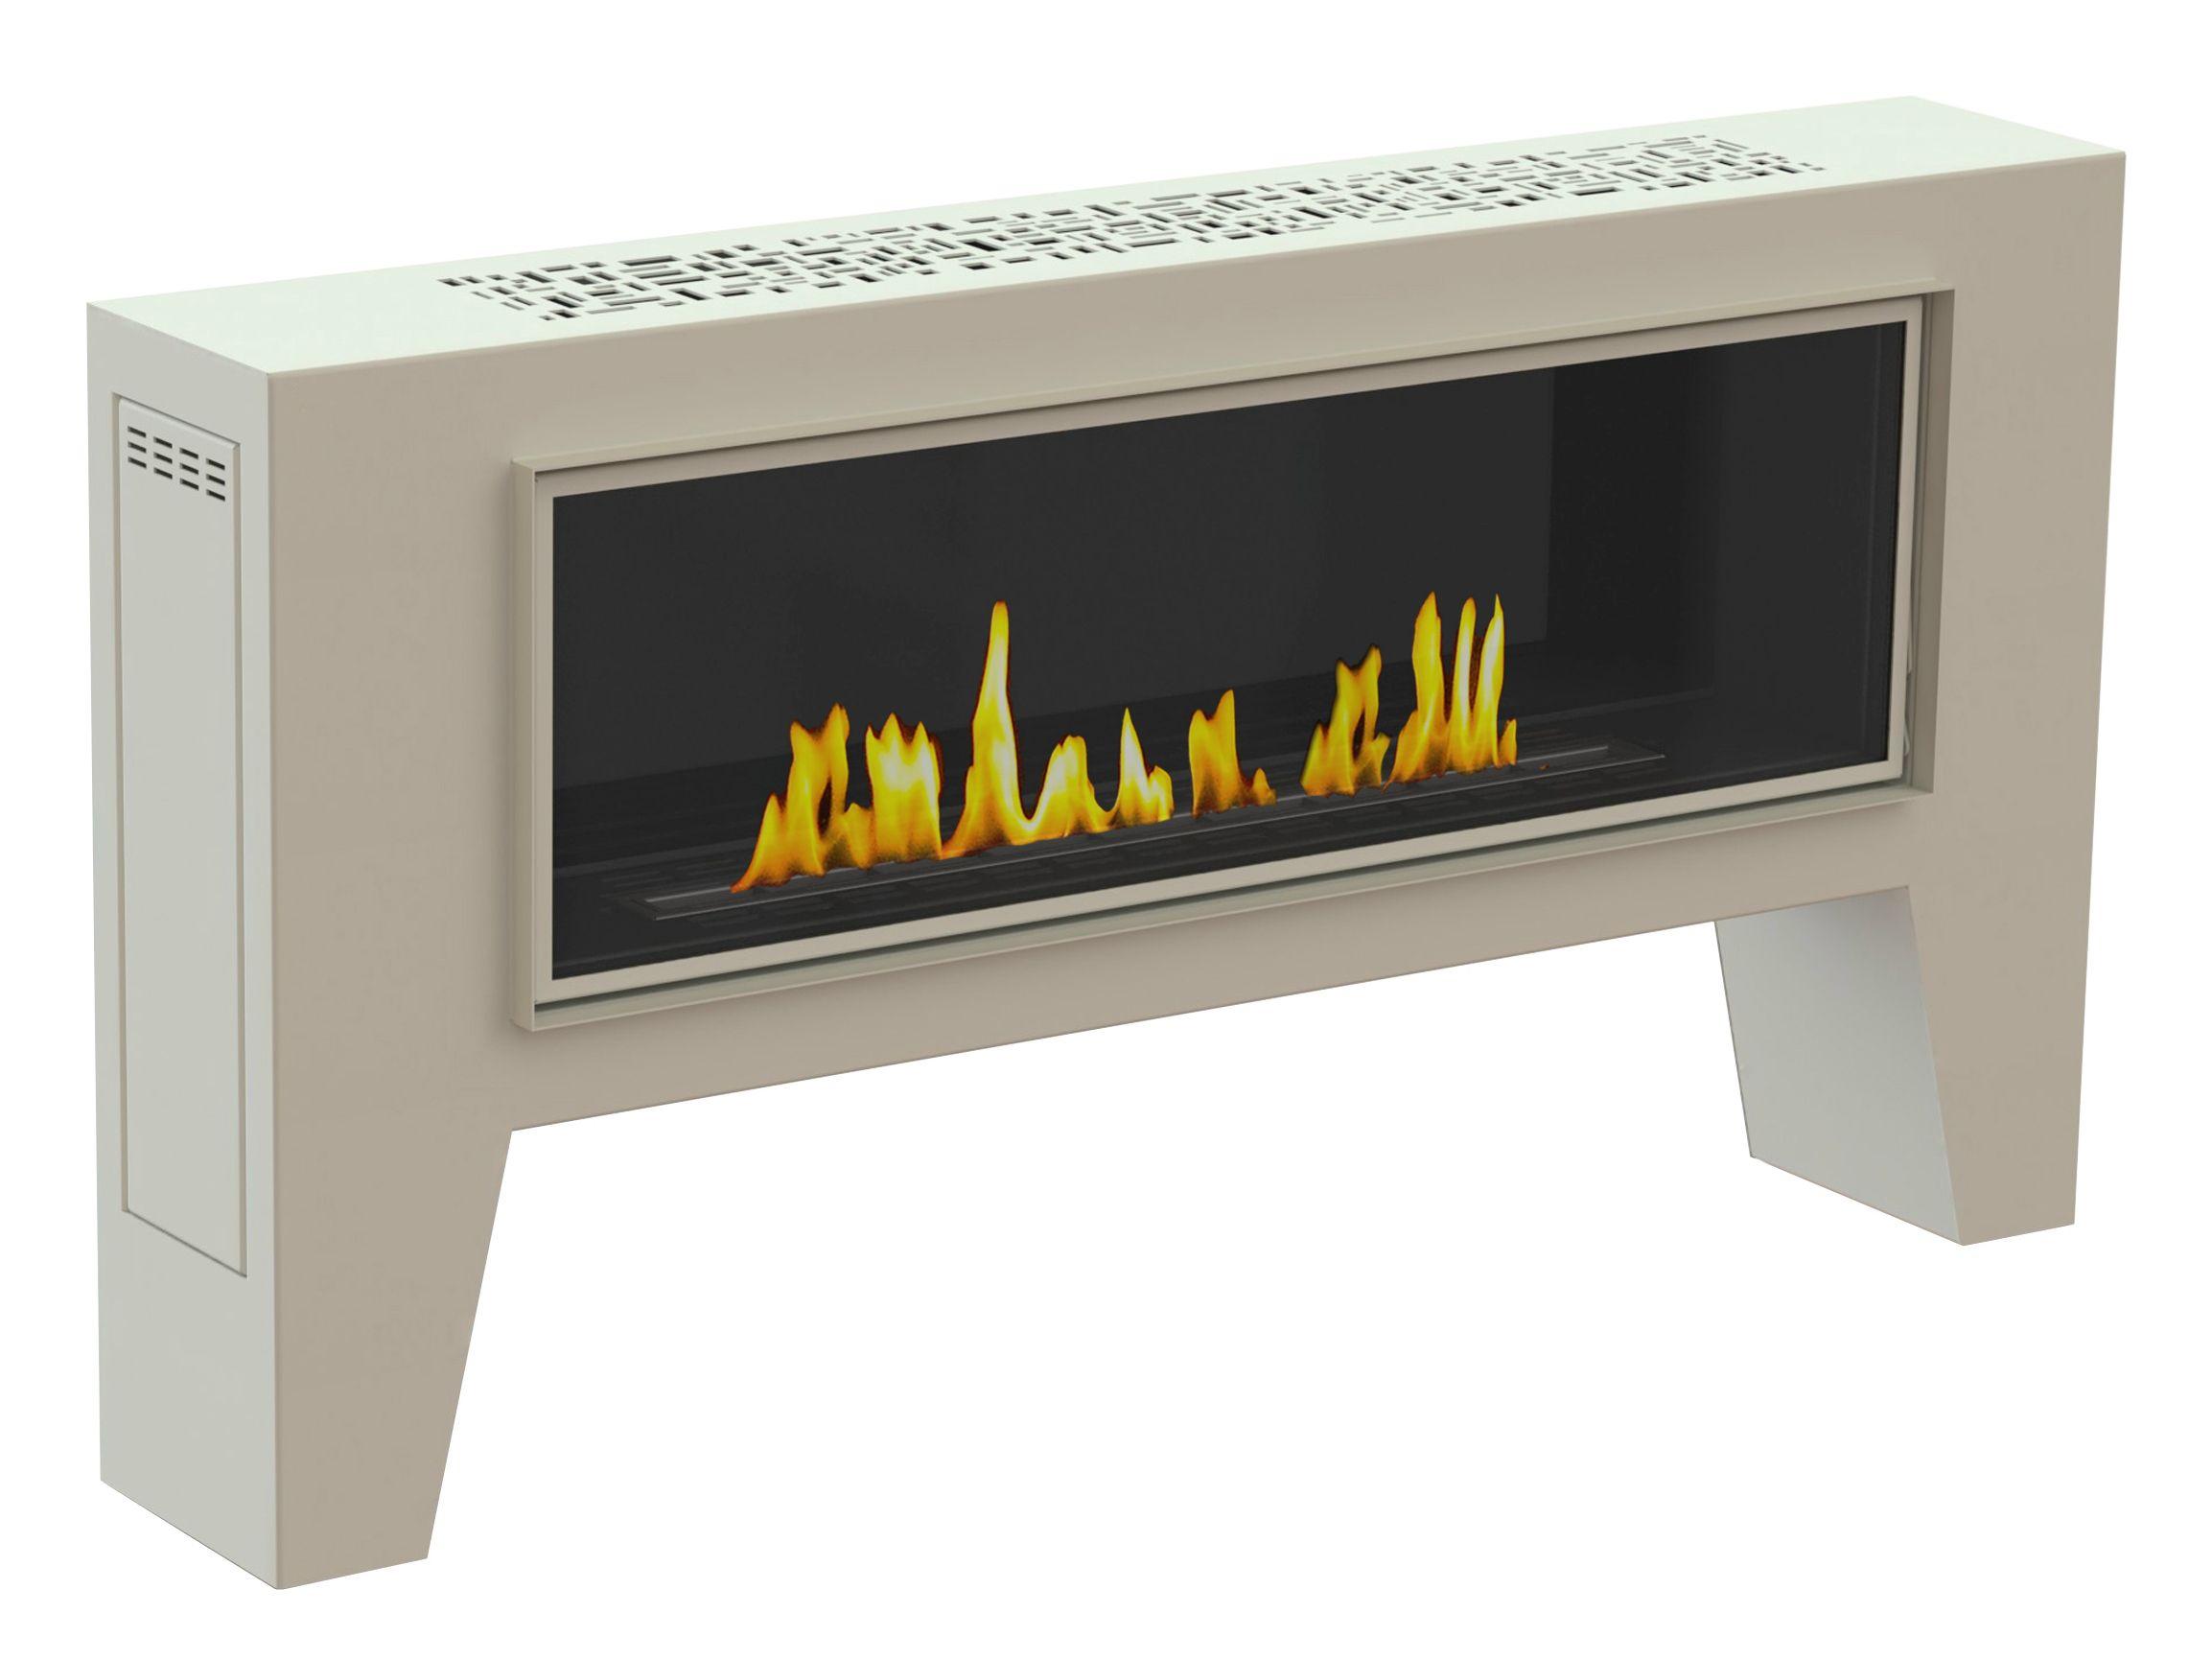 Caminetto da esterno in acciaio laccato a bioetanolo fogly iii collezione crea7ion by glammfire - Caminetto esterno moderno ...